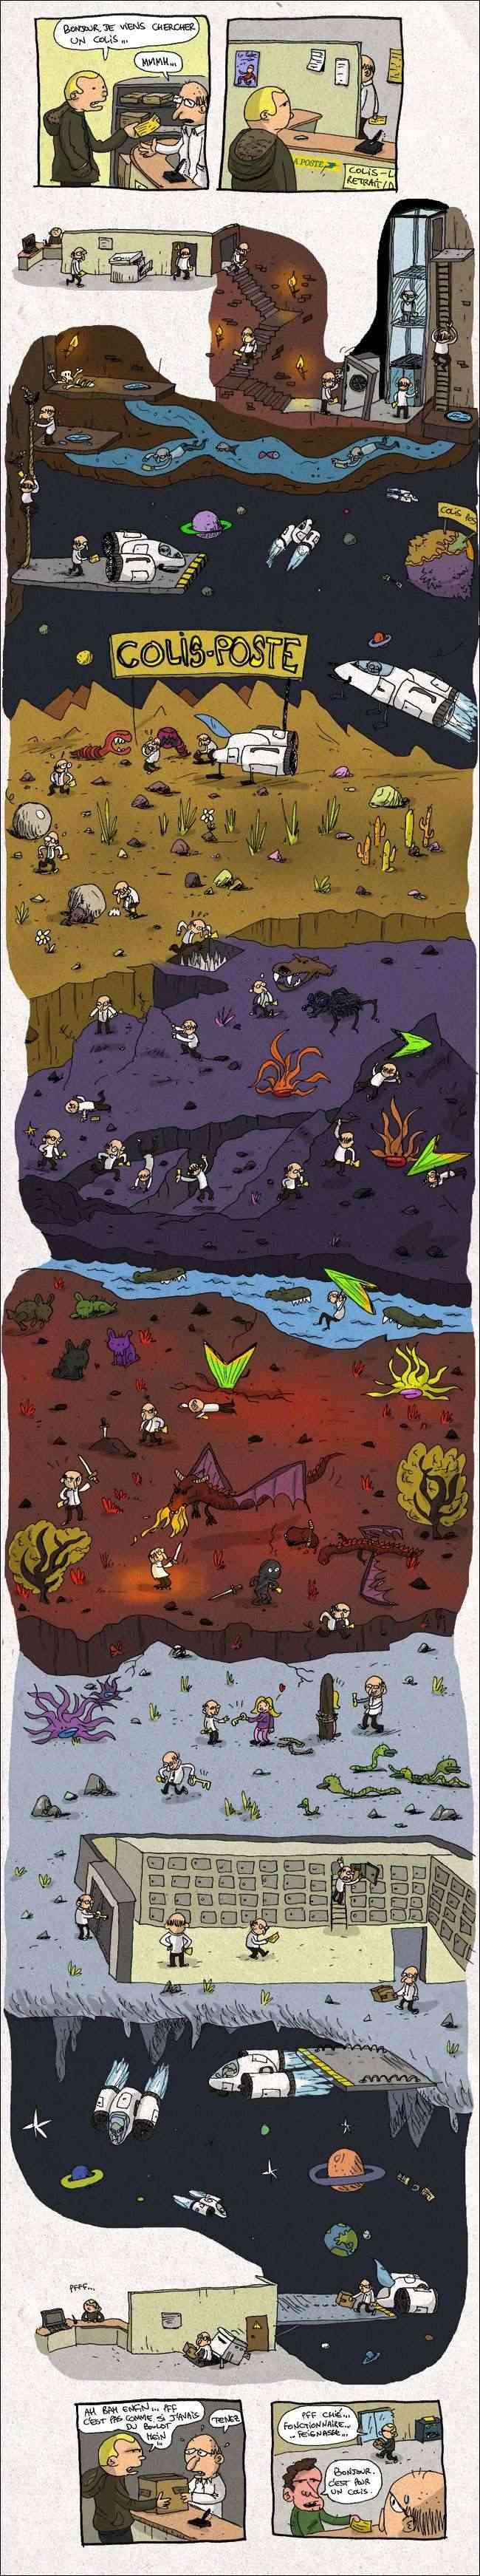 Rire en cascade - Page 2 Colisp10